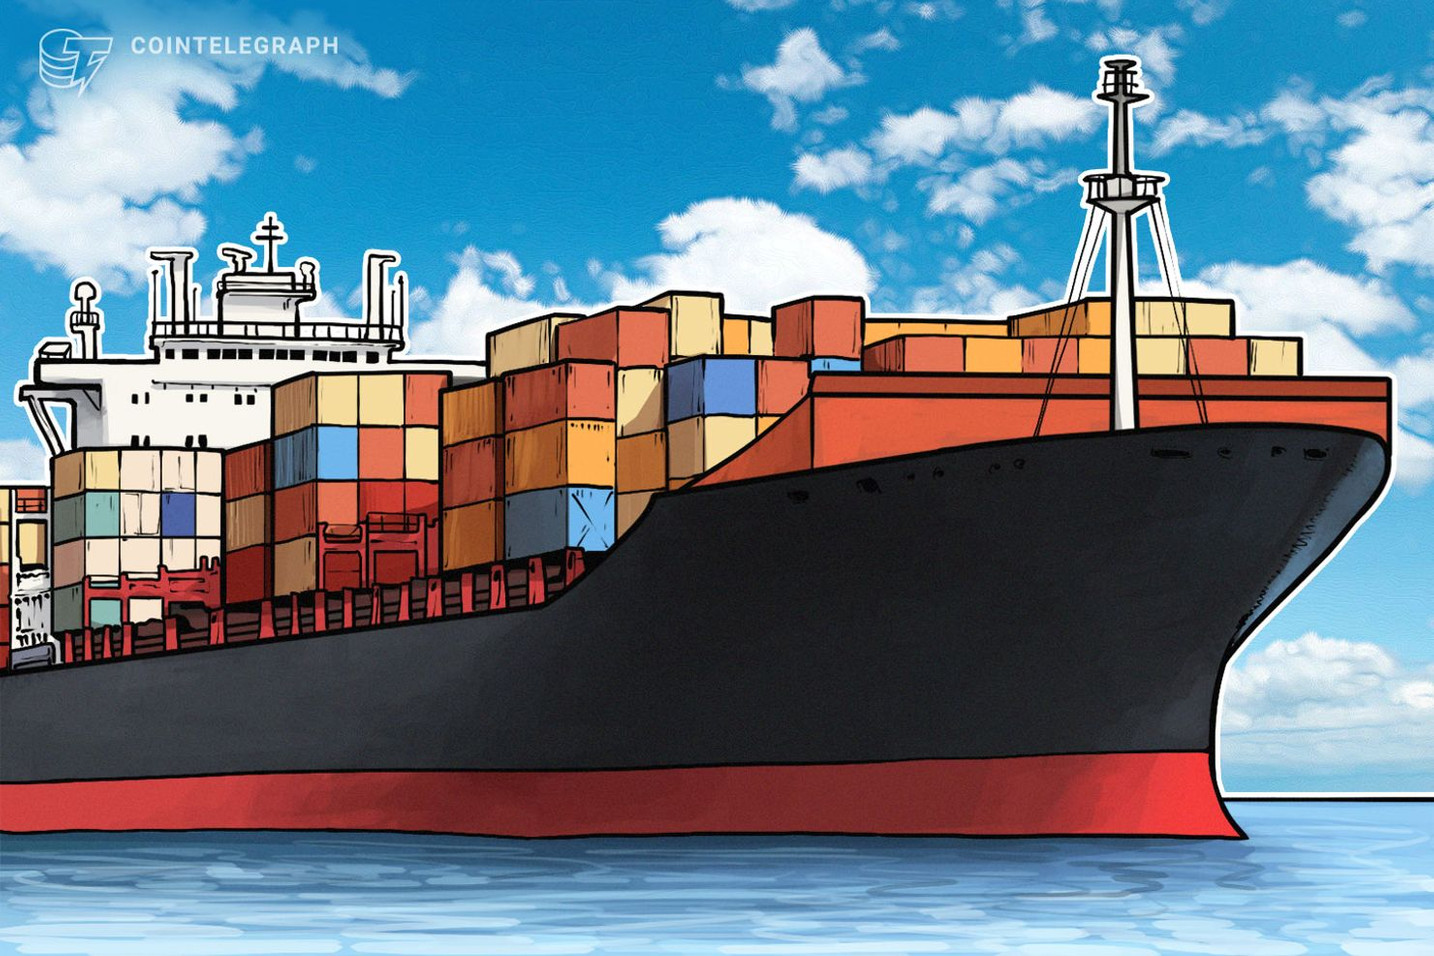 東京海上日動とNTTデータ、にブロックチェーン活用した外航貨物保険の保険金請求の実証実験完了